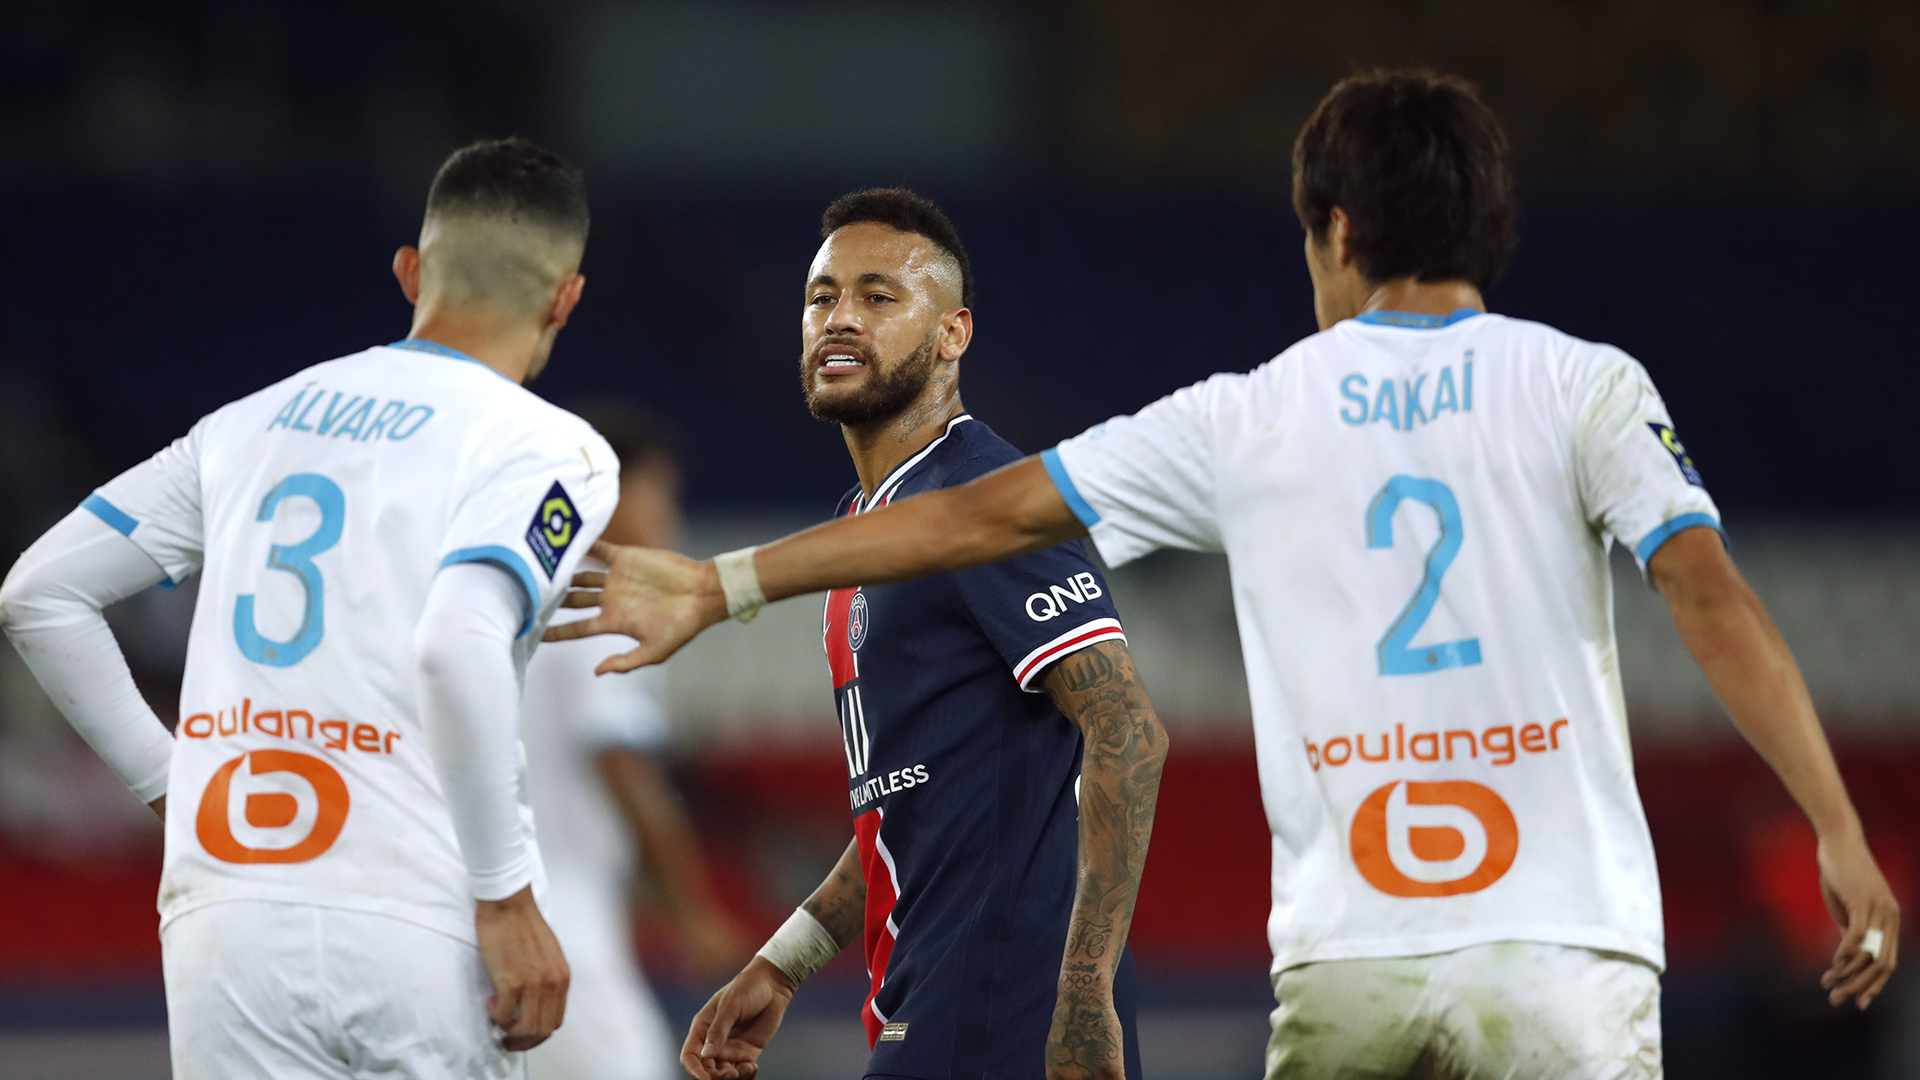 """La explosiva reacción de Neymar tras ser expulsado en el clásico: """"Es un  racista, por eso le pegué"""" - Infobae"""